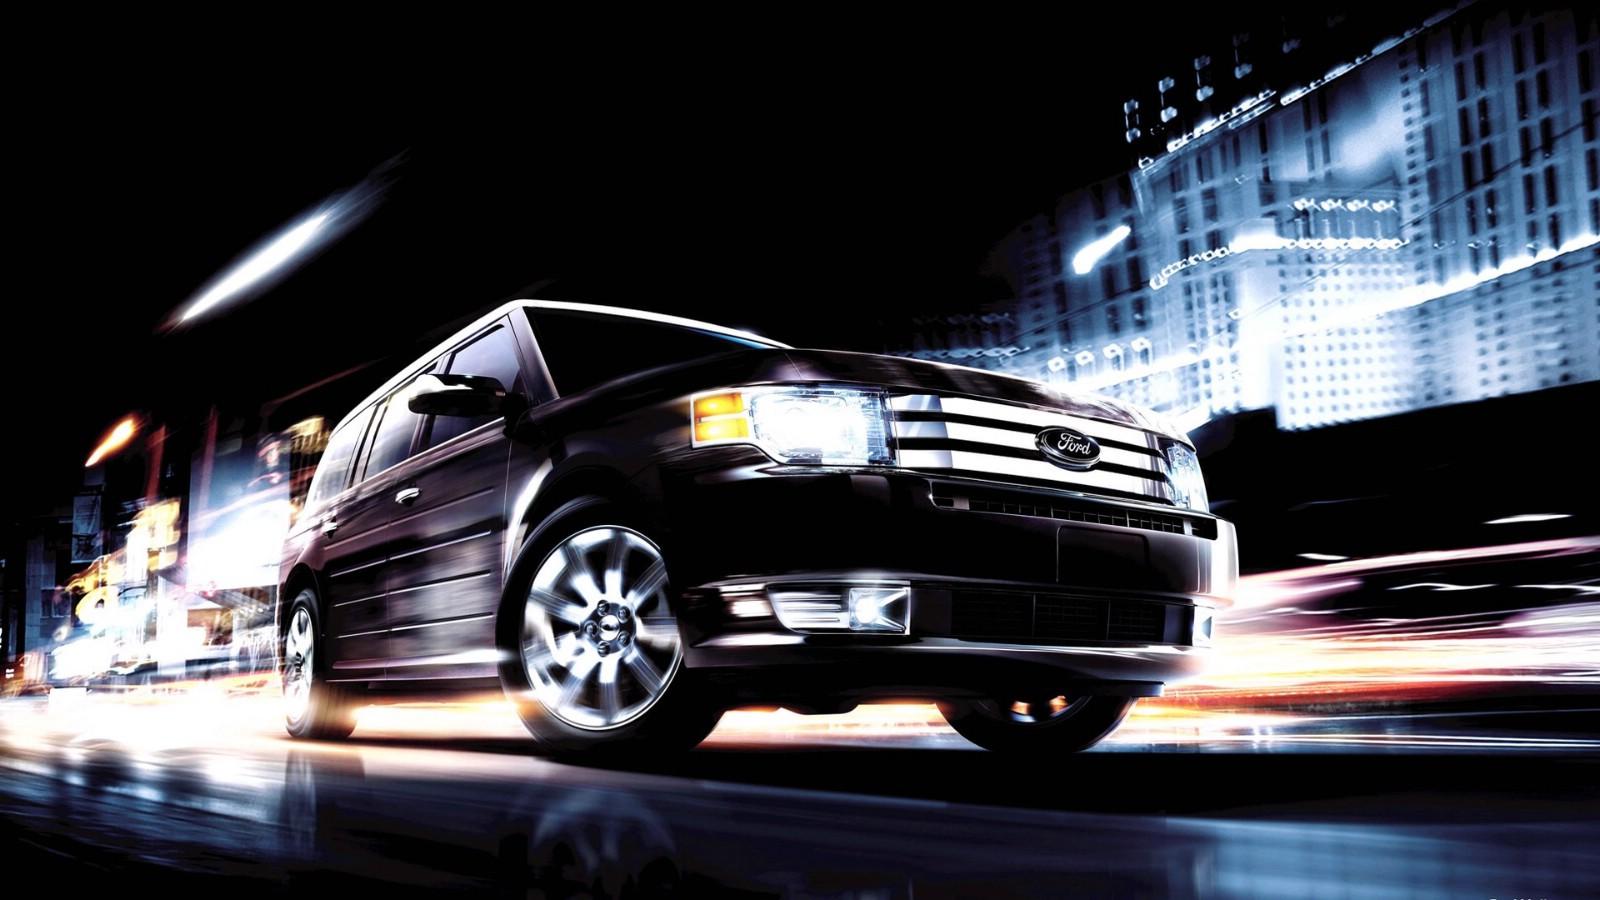 600 900福特经典名车宽屏1920x1080 1080p壁纸 二 壁纸93壁纸,福高清图片